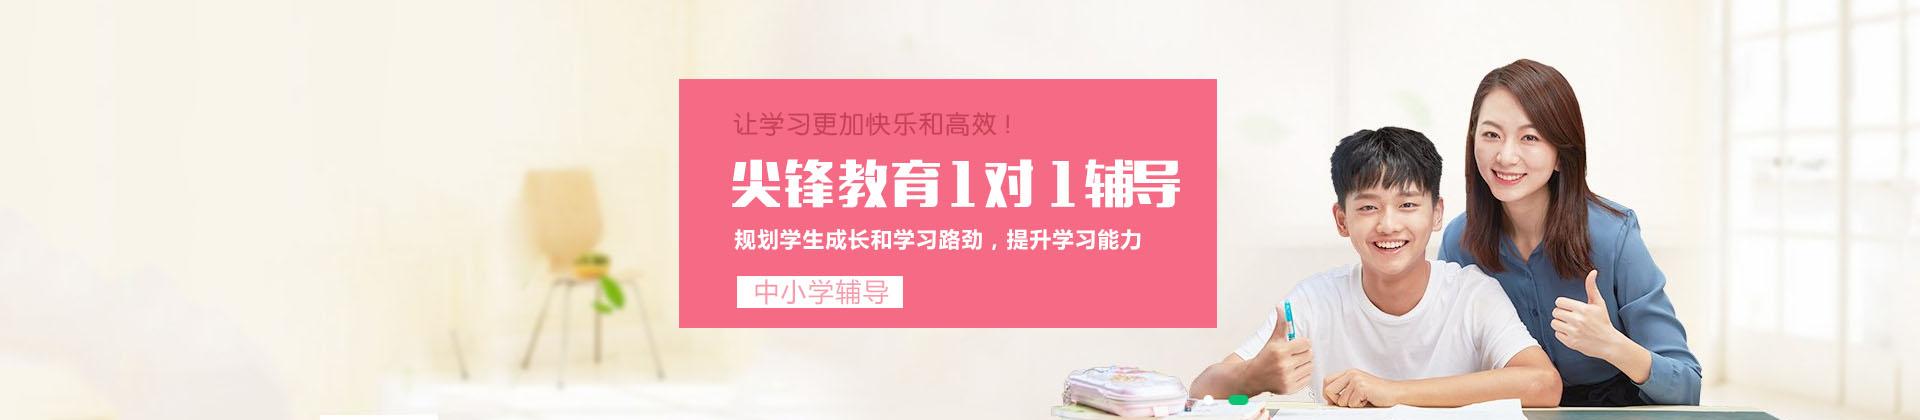 武汉尖锋教育-中小学辅导